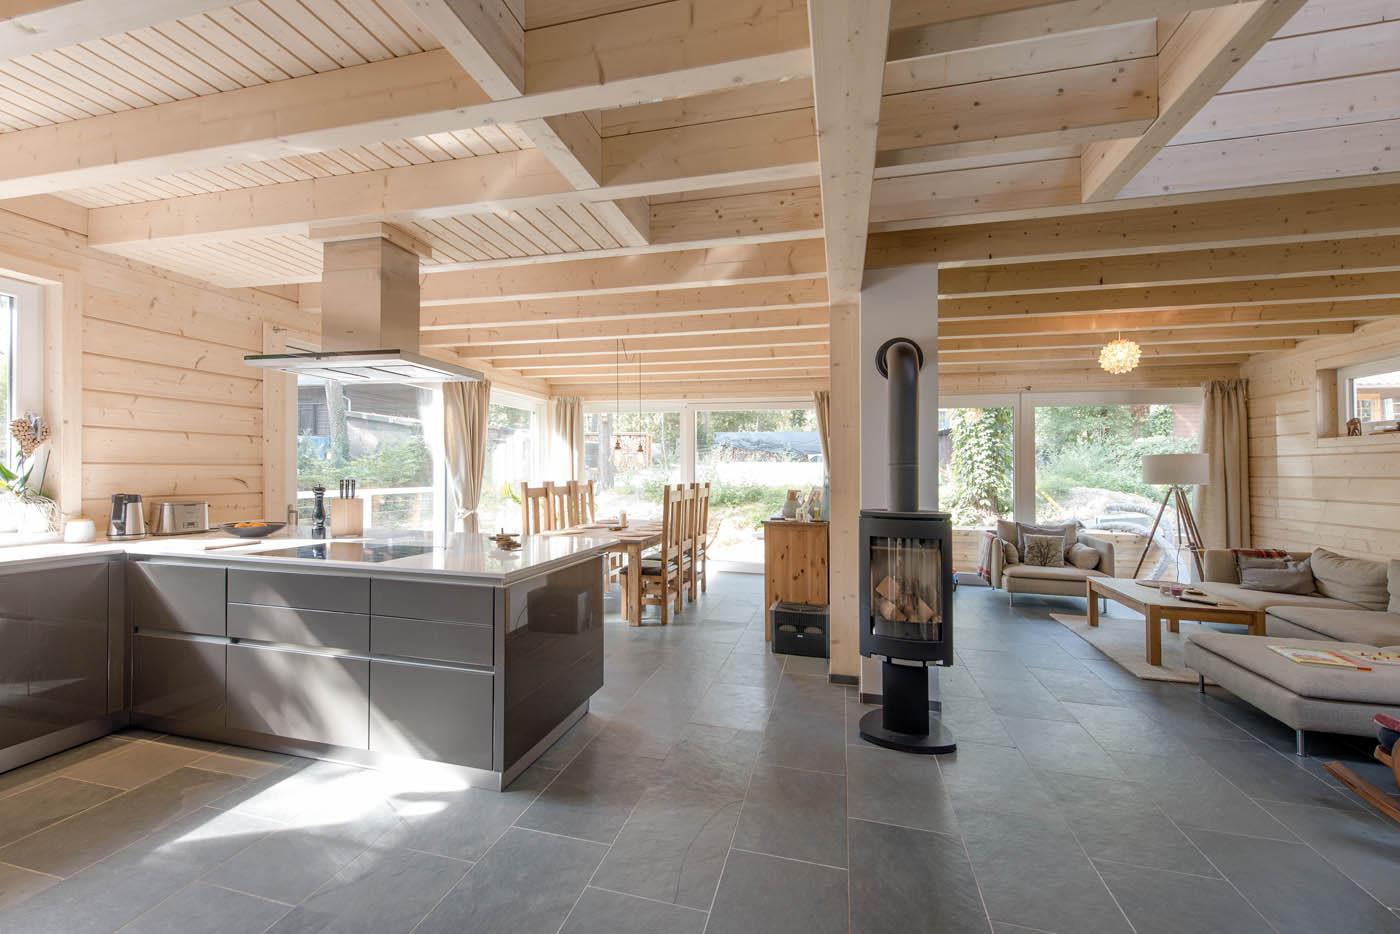 Decoration Interieur De Maison En Bois | Range Bois Interieur Maison ...